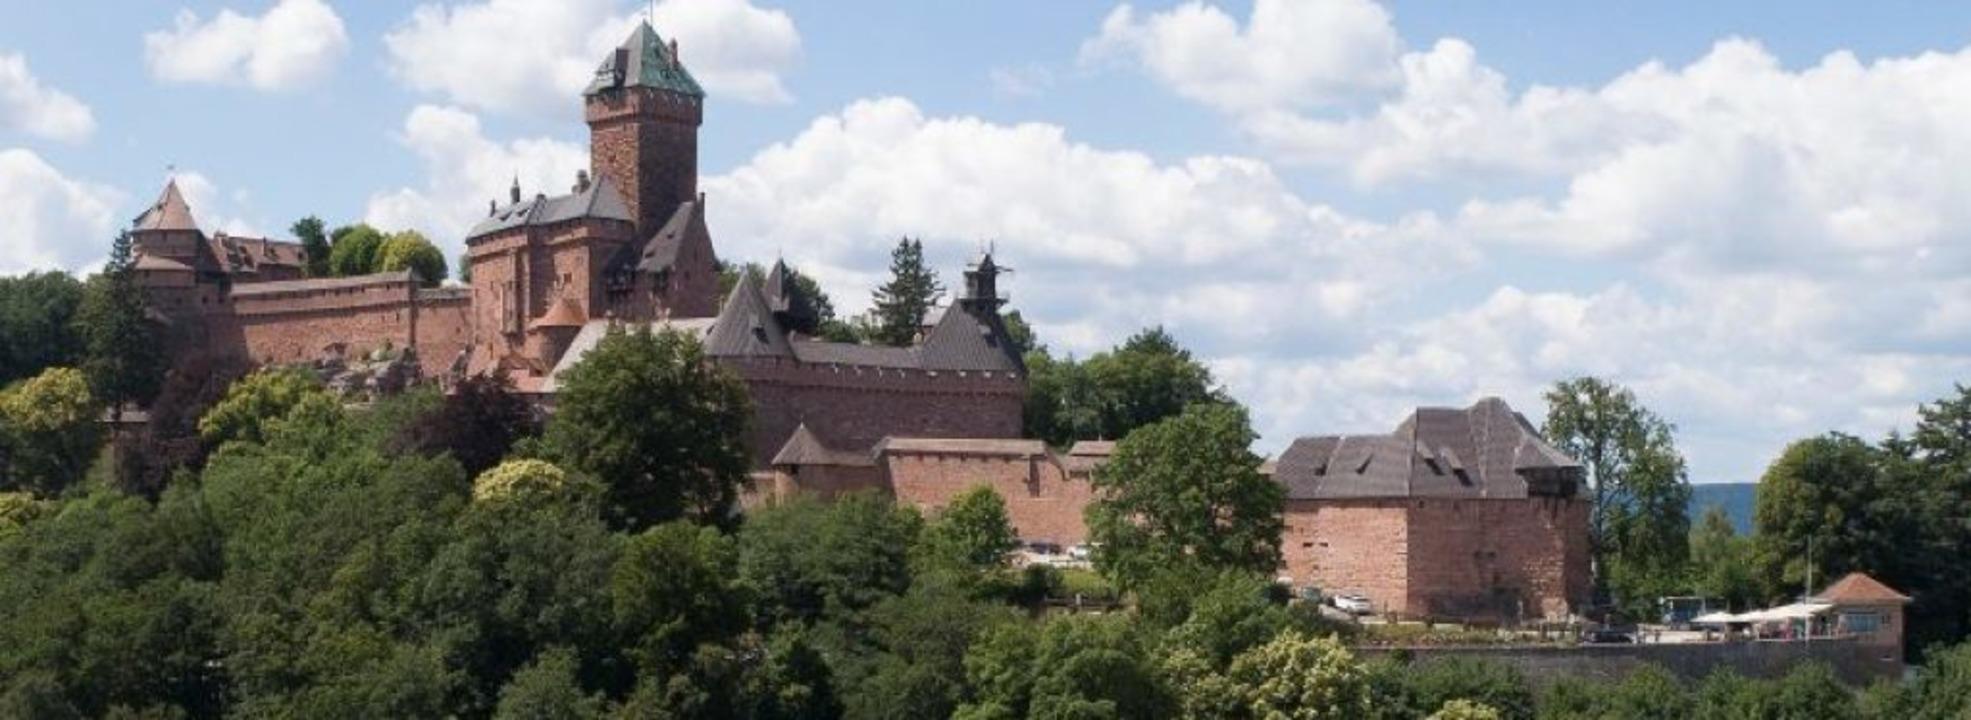 Thront weit oben –  die Hohkönigsburg  | Foto: SEBASTIEN BOZON